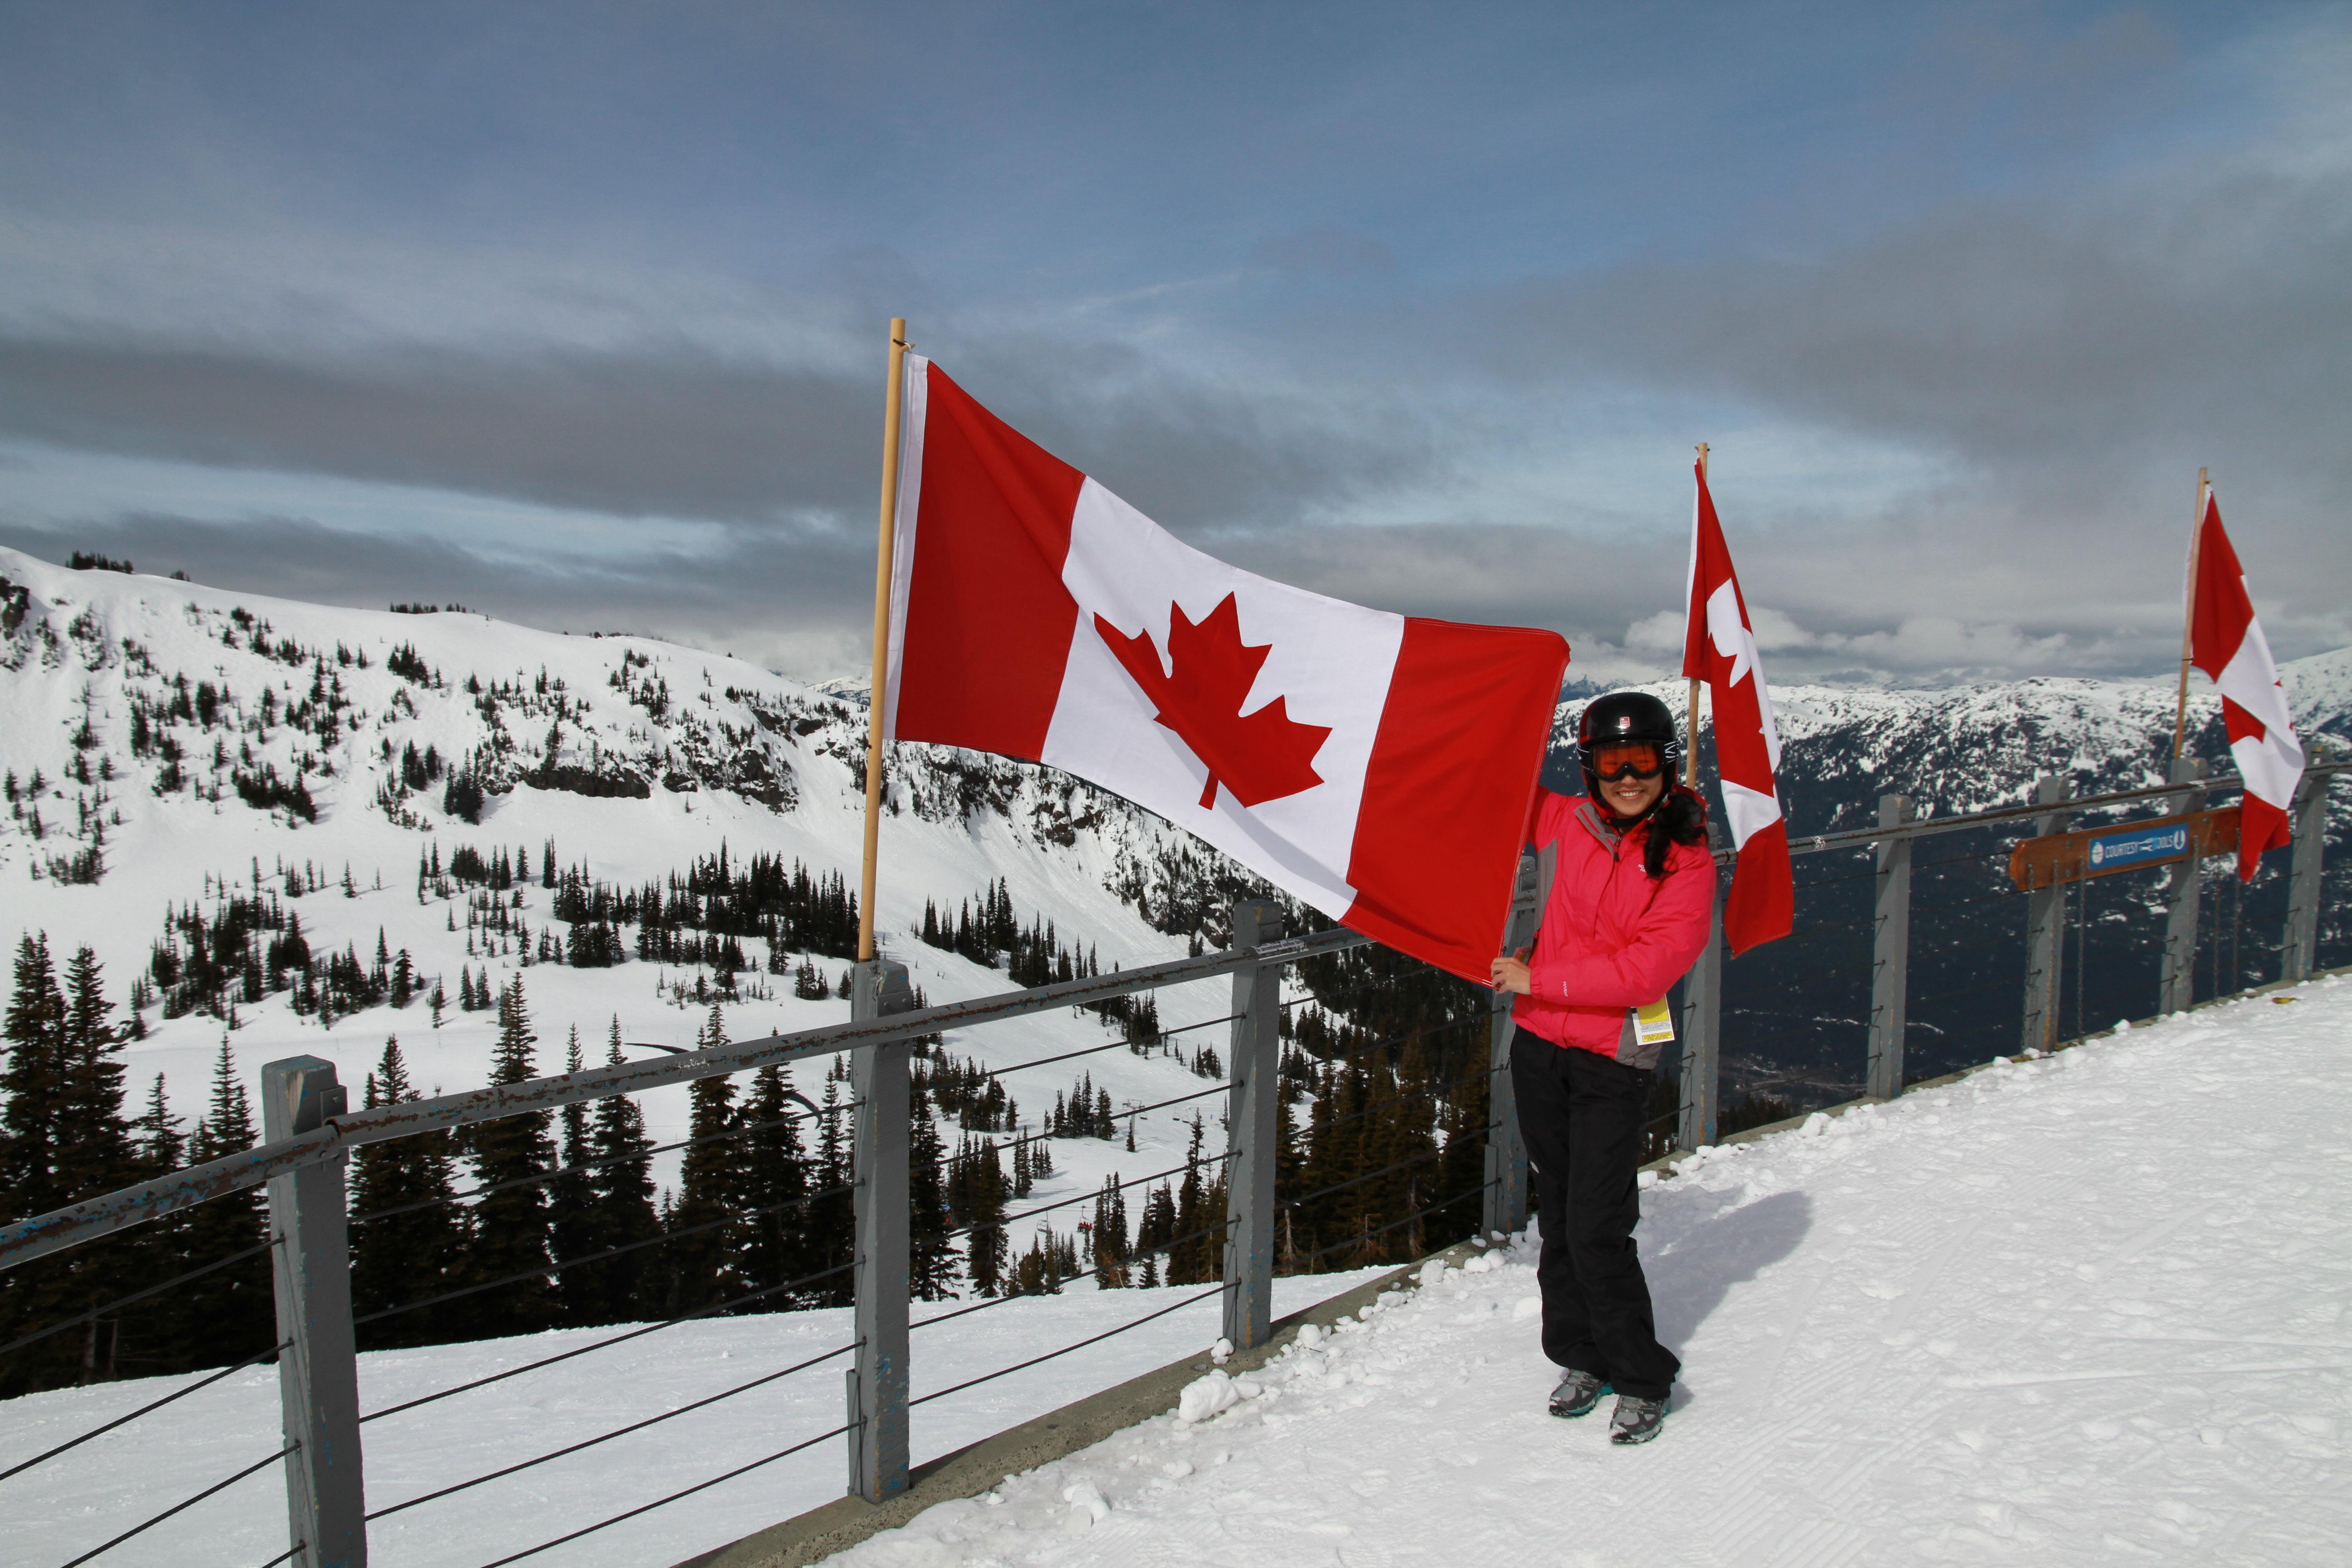 山顶餐厅加拿大国旗-惠斯勒 山顶餐厅图片